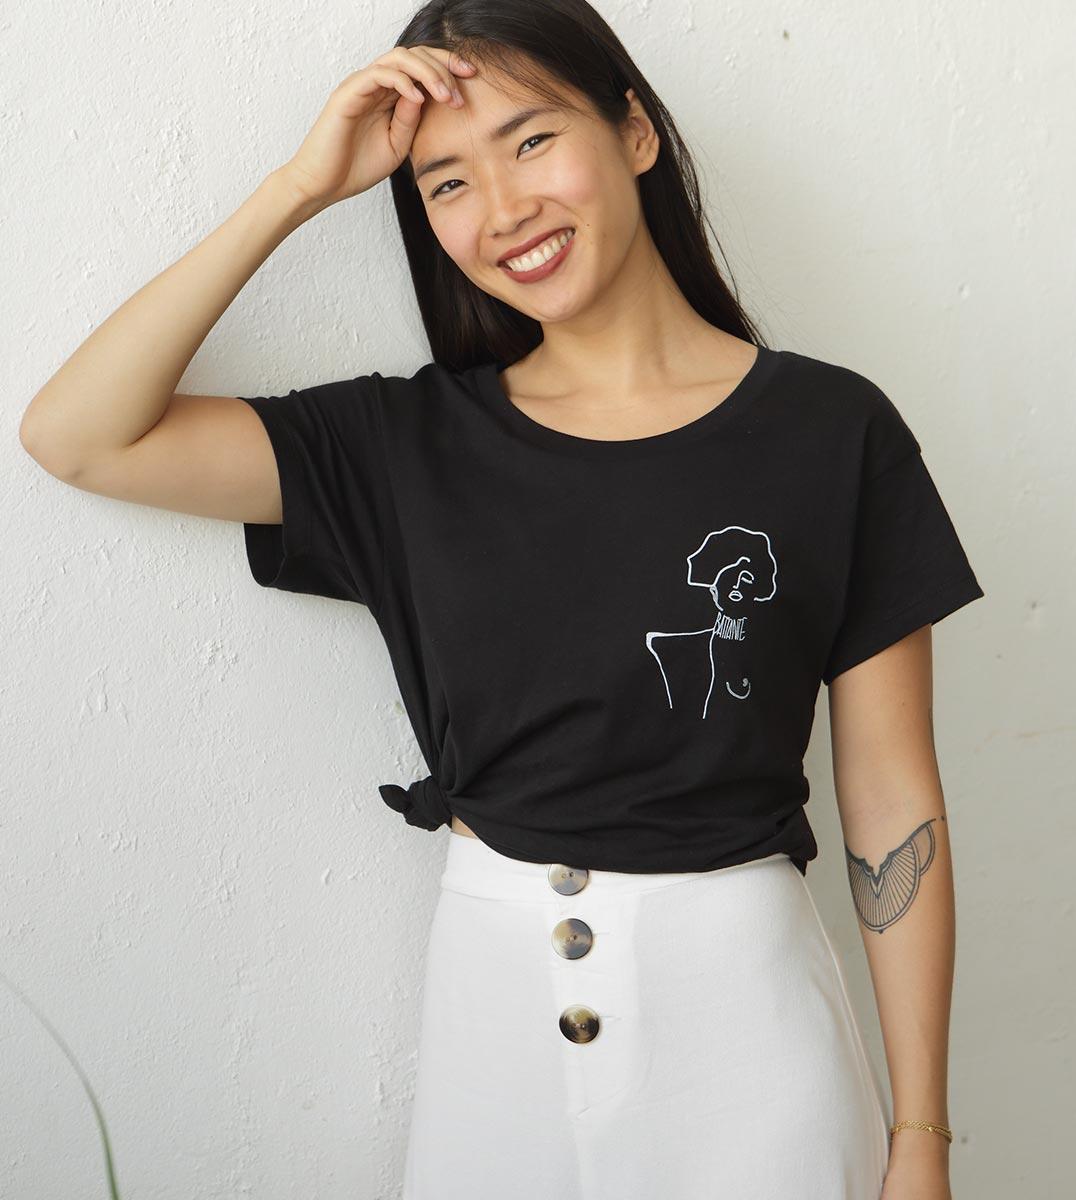 femme portant le t-shirt noir Klimt Leonor Roversi